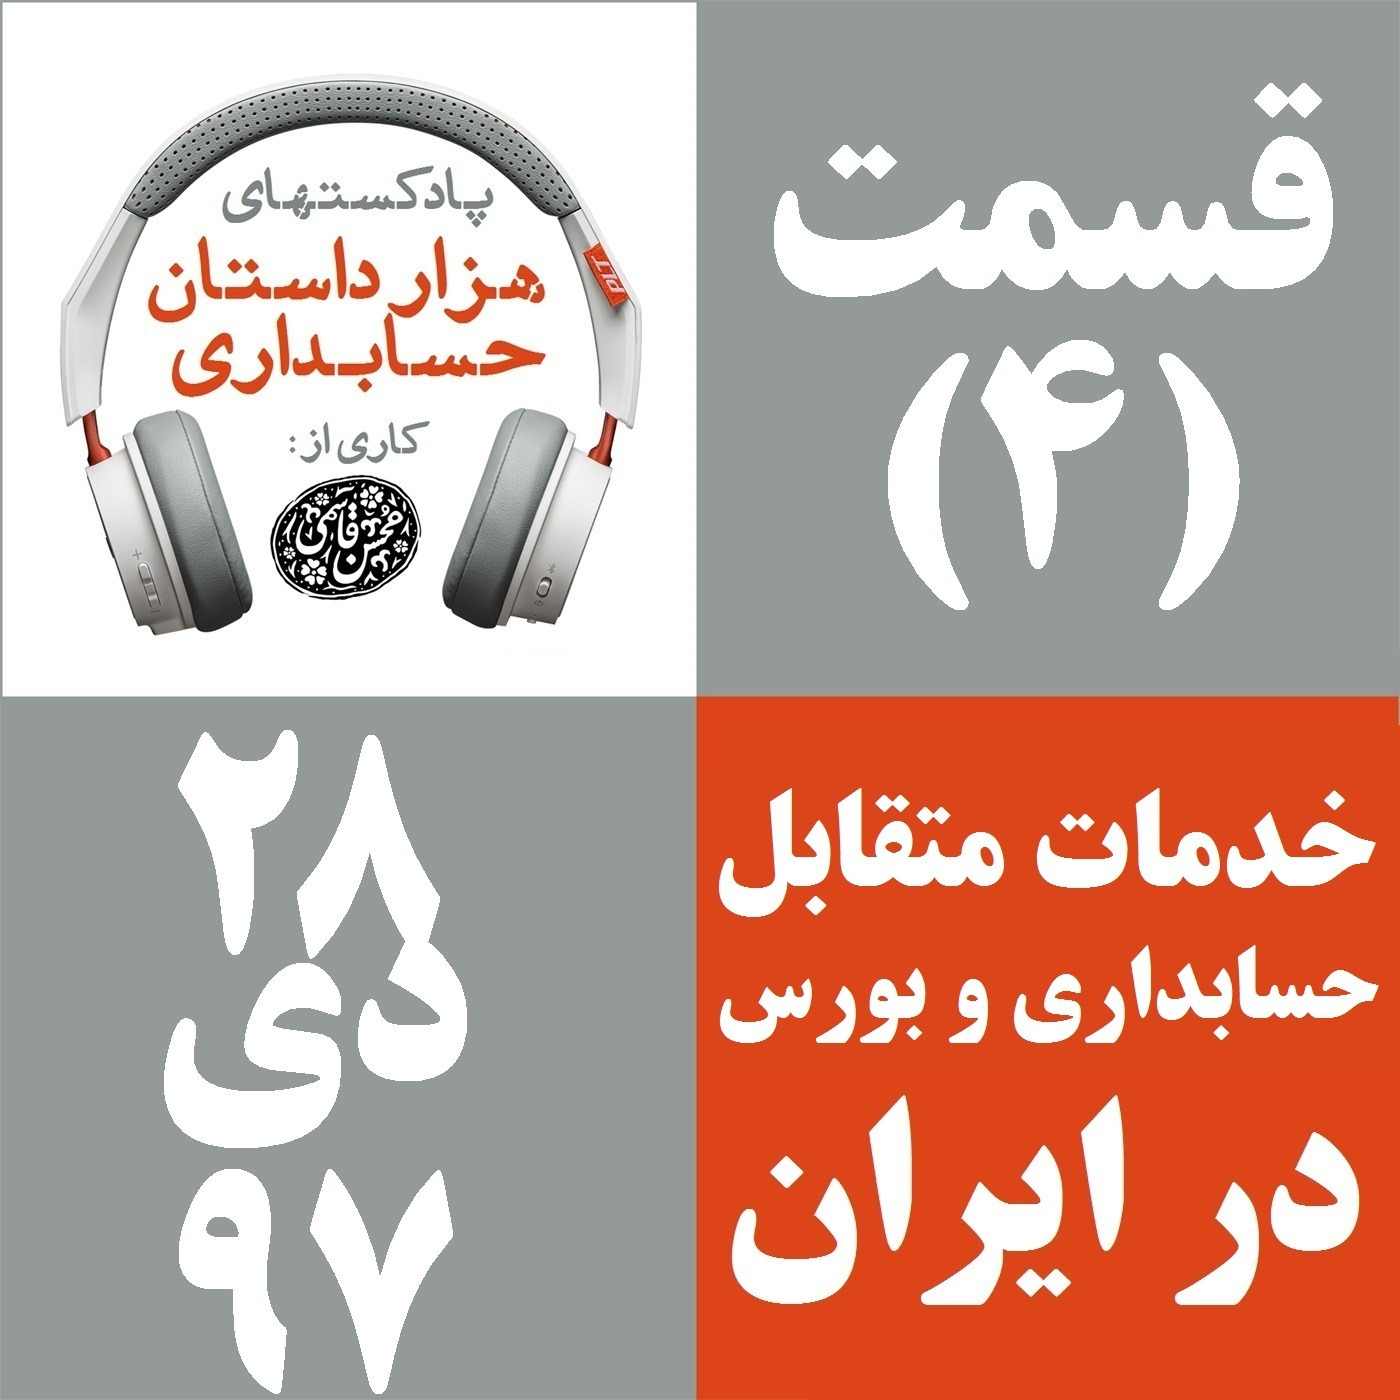 قسمت 4 - خدمات متقابل حرفه حسابداری و بورس در ایران